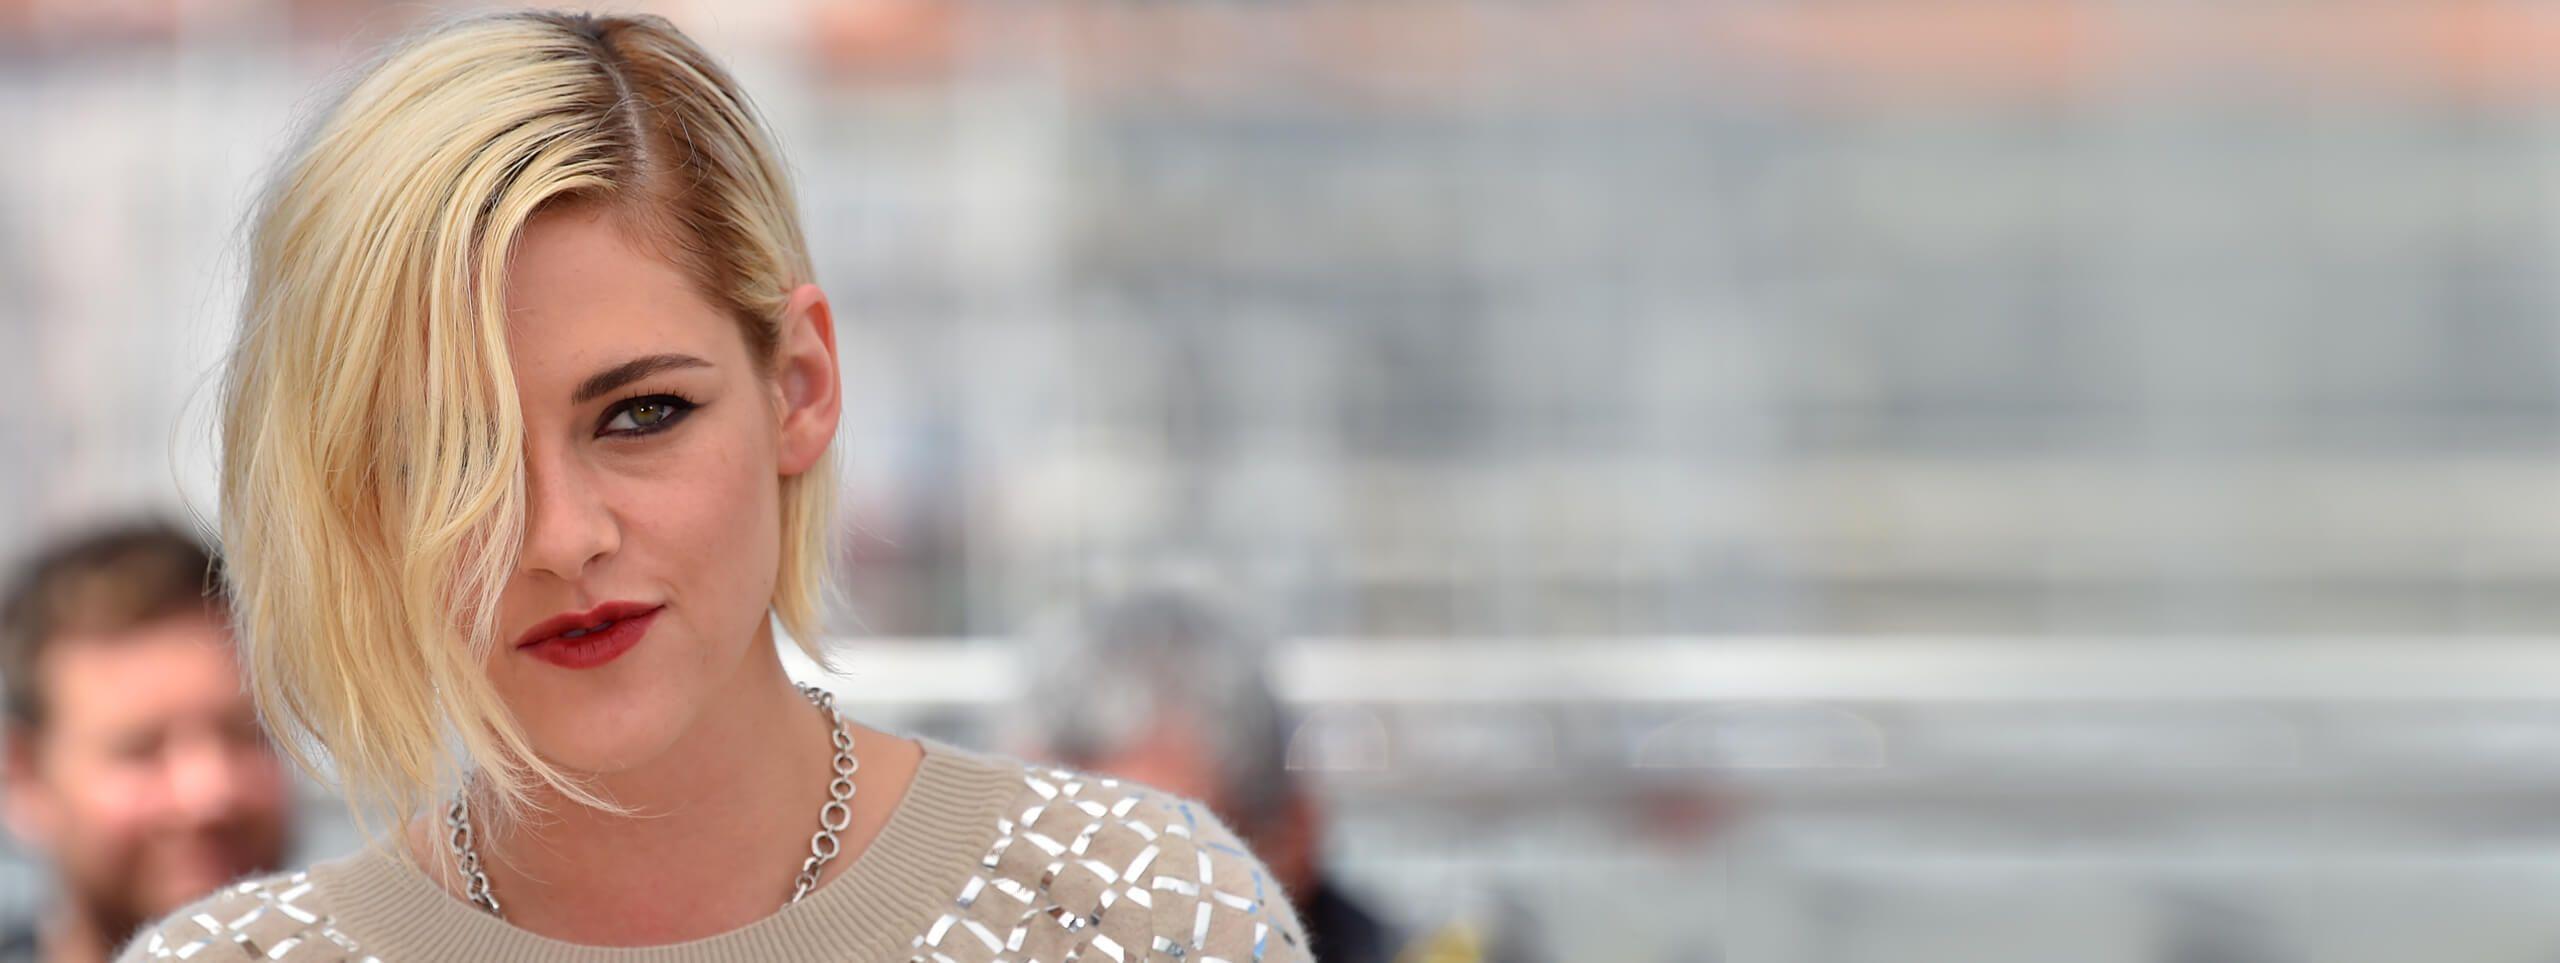 Kristen Stewart avec un carré blond